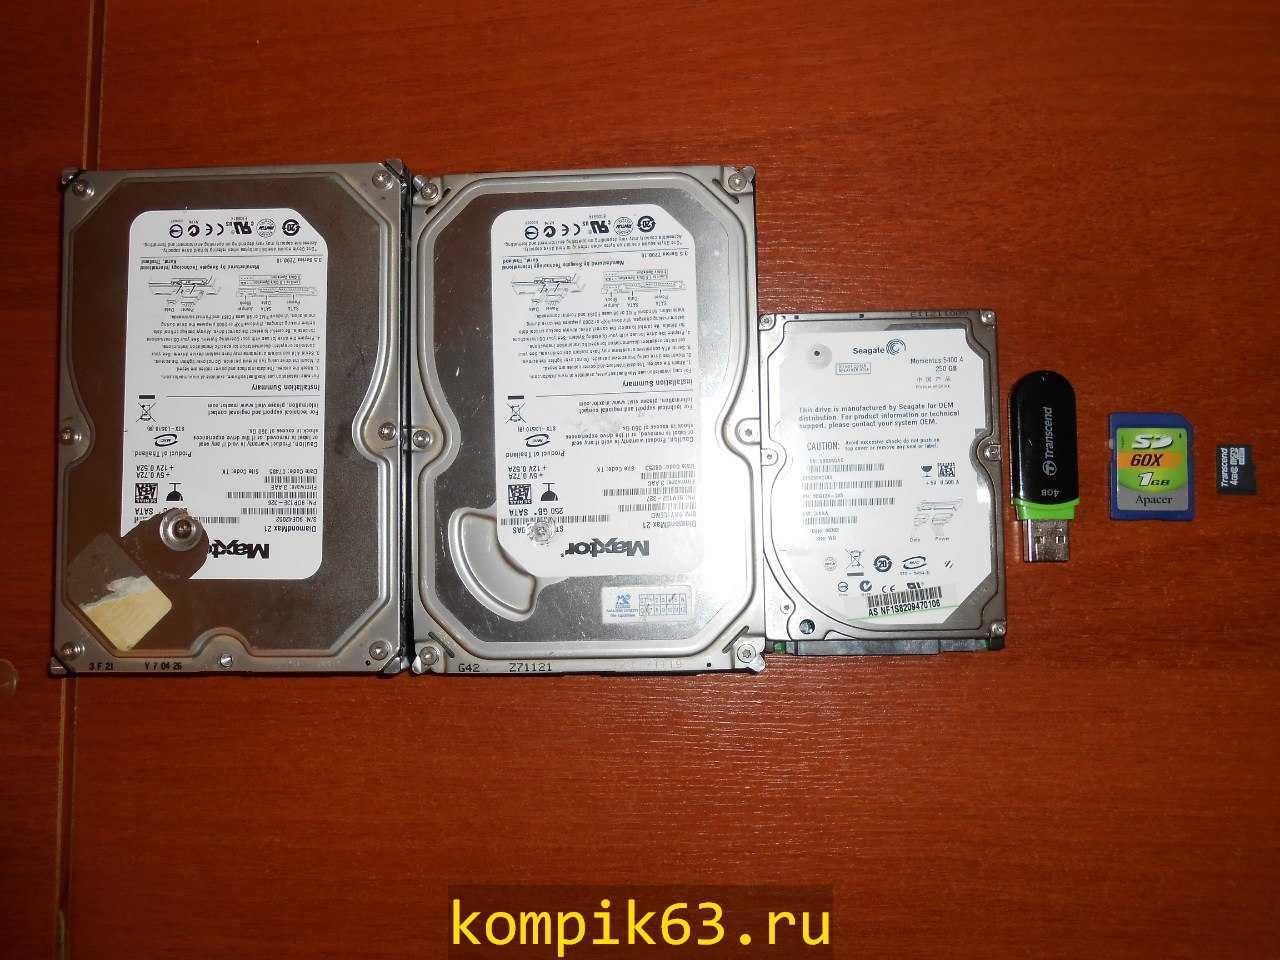 kompik63.ru-093